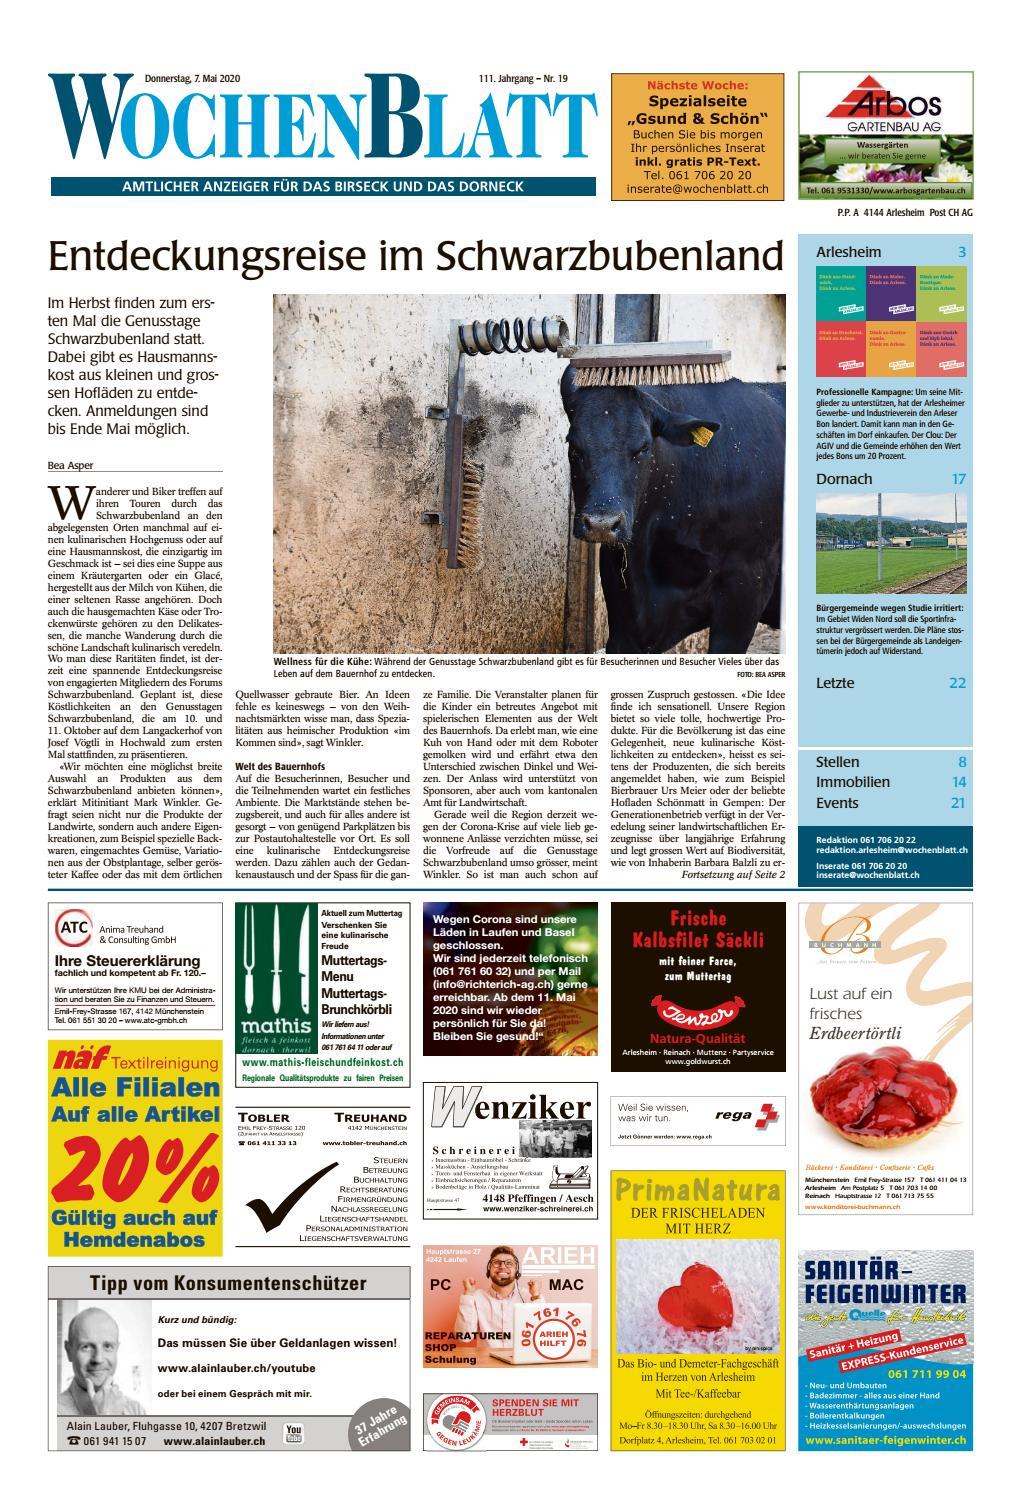 Junge Dichter fr die Region - Wochenblatt